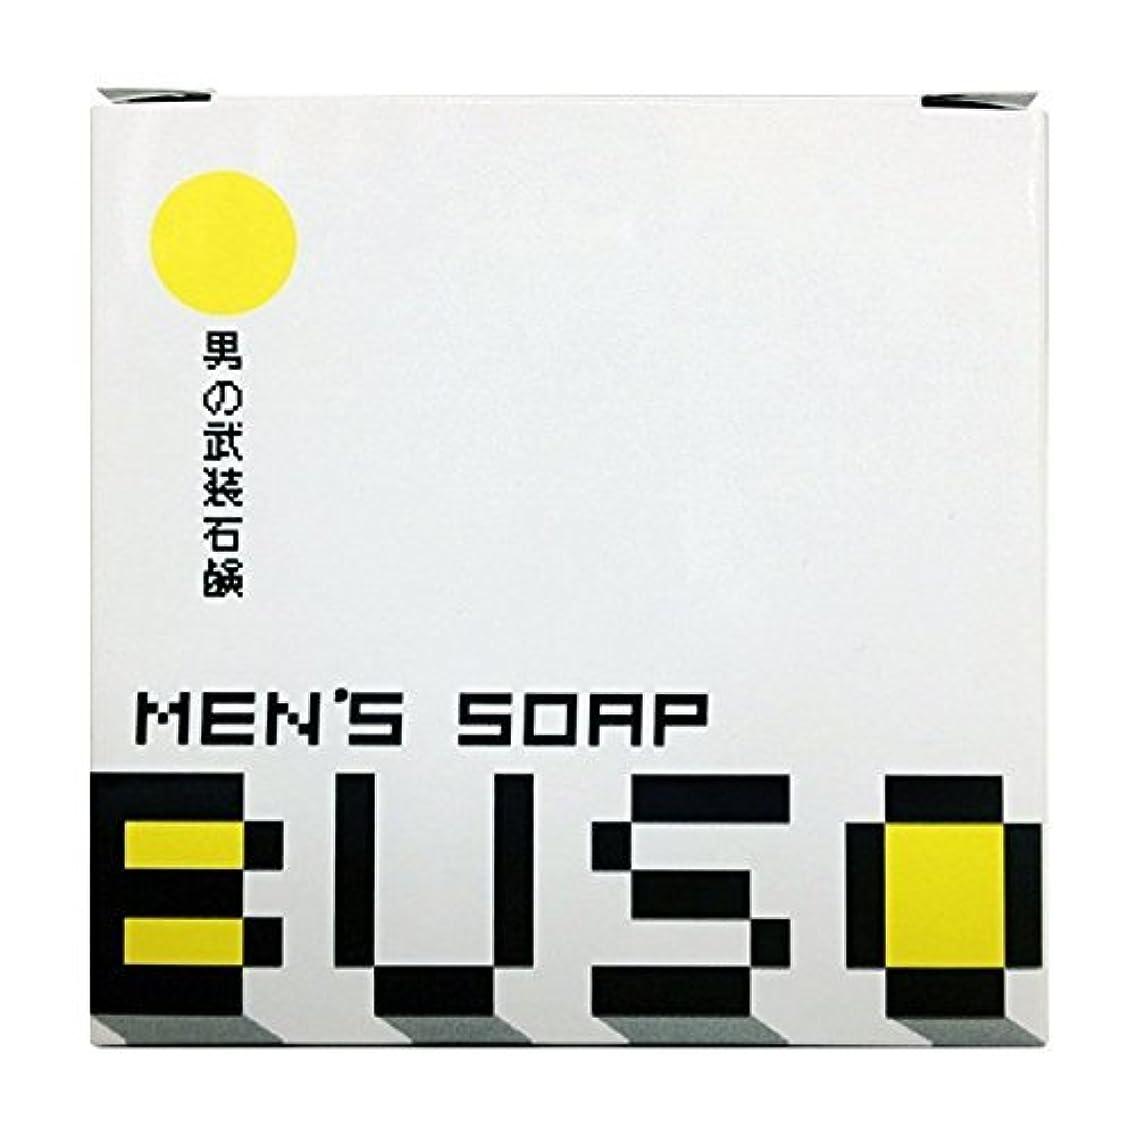 仲人対応する超高層ビル男性美容石鹸 BUSO 武装 メンズソープ 1個 (泡立てネット付き)